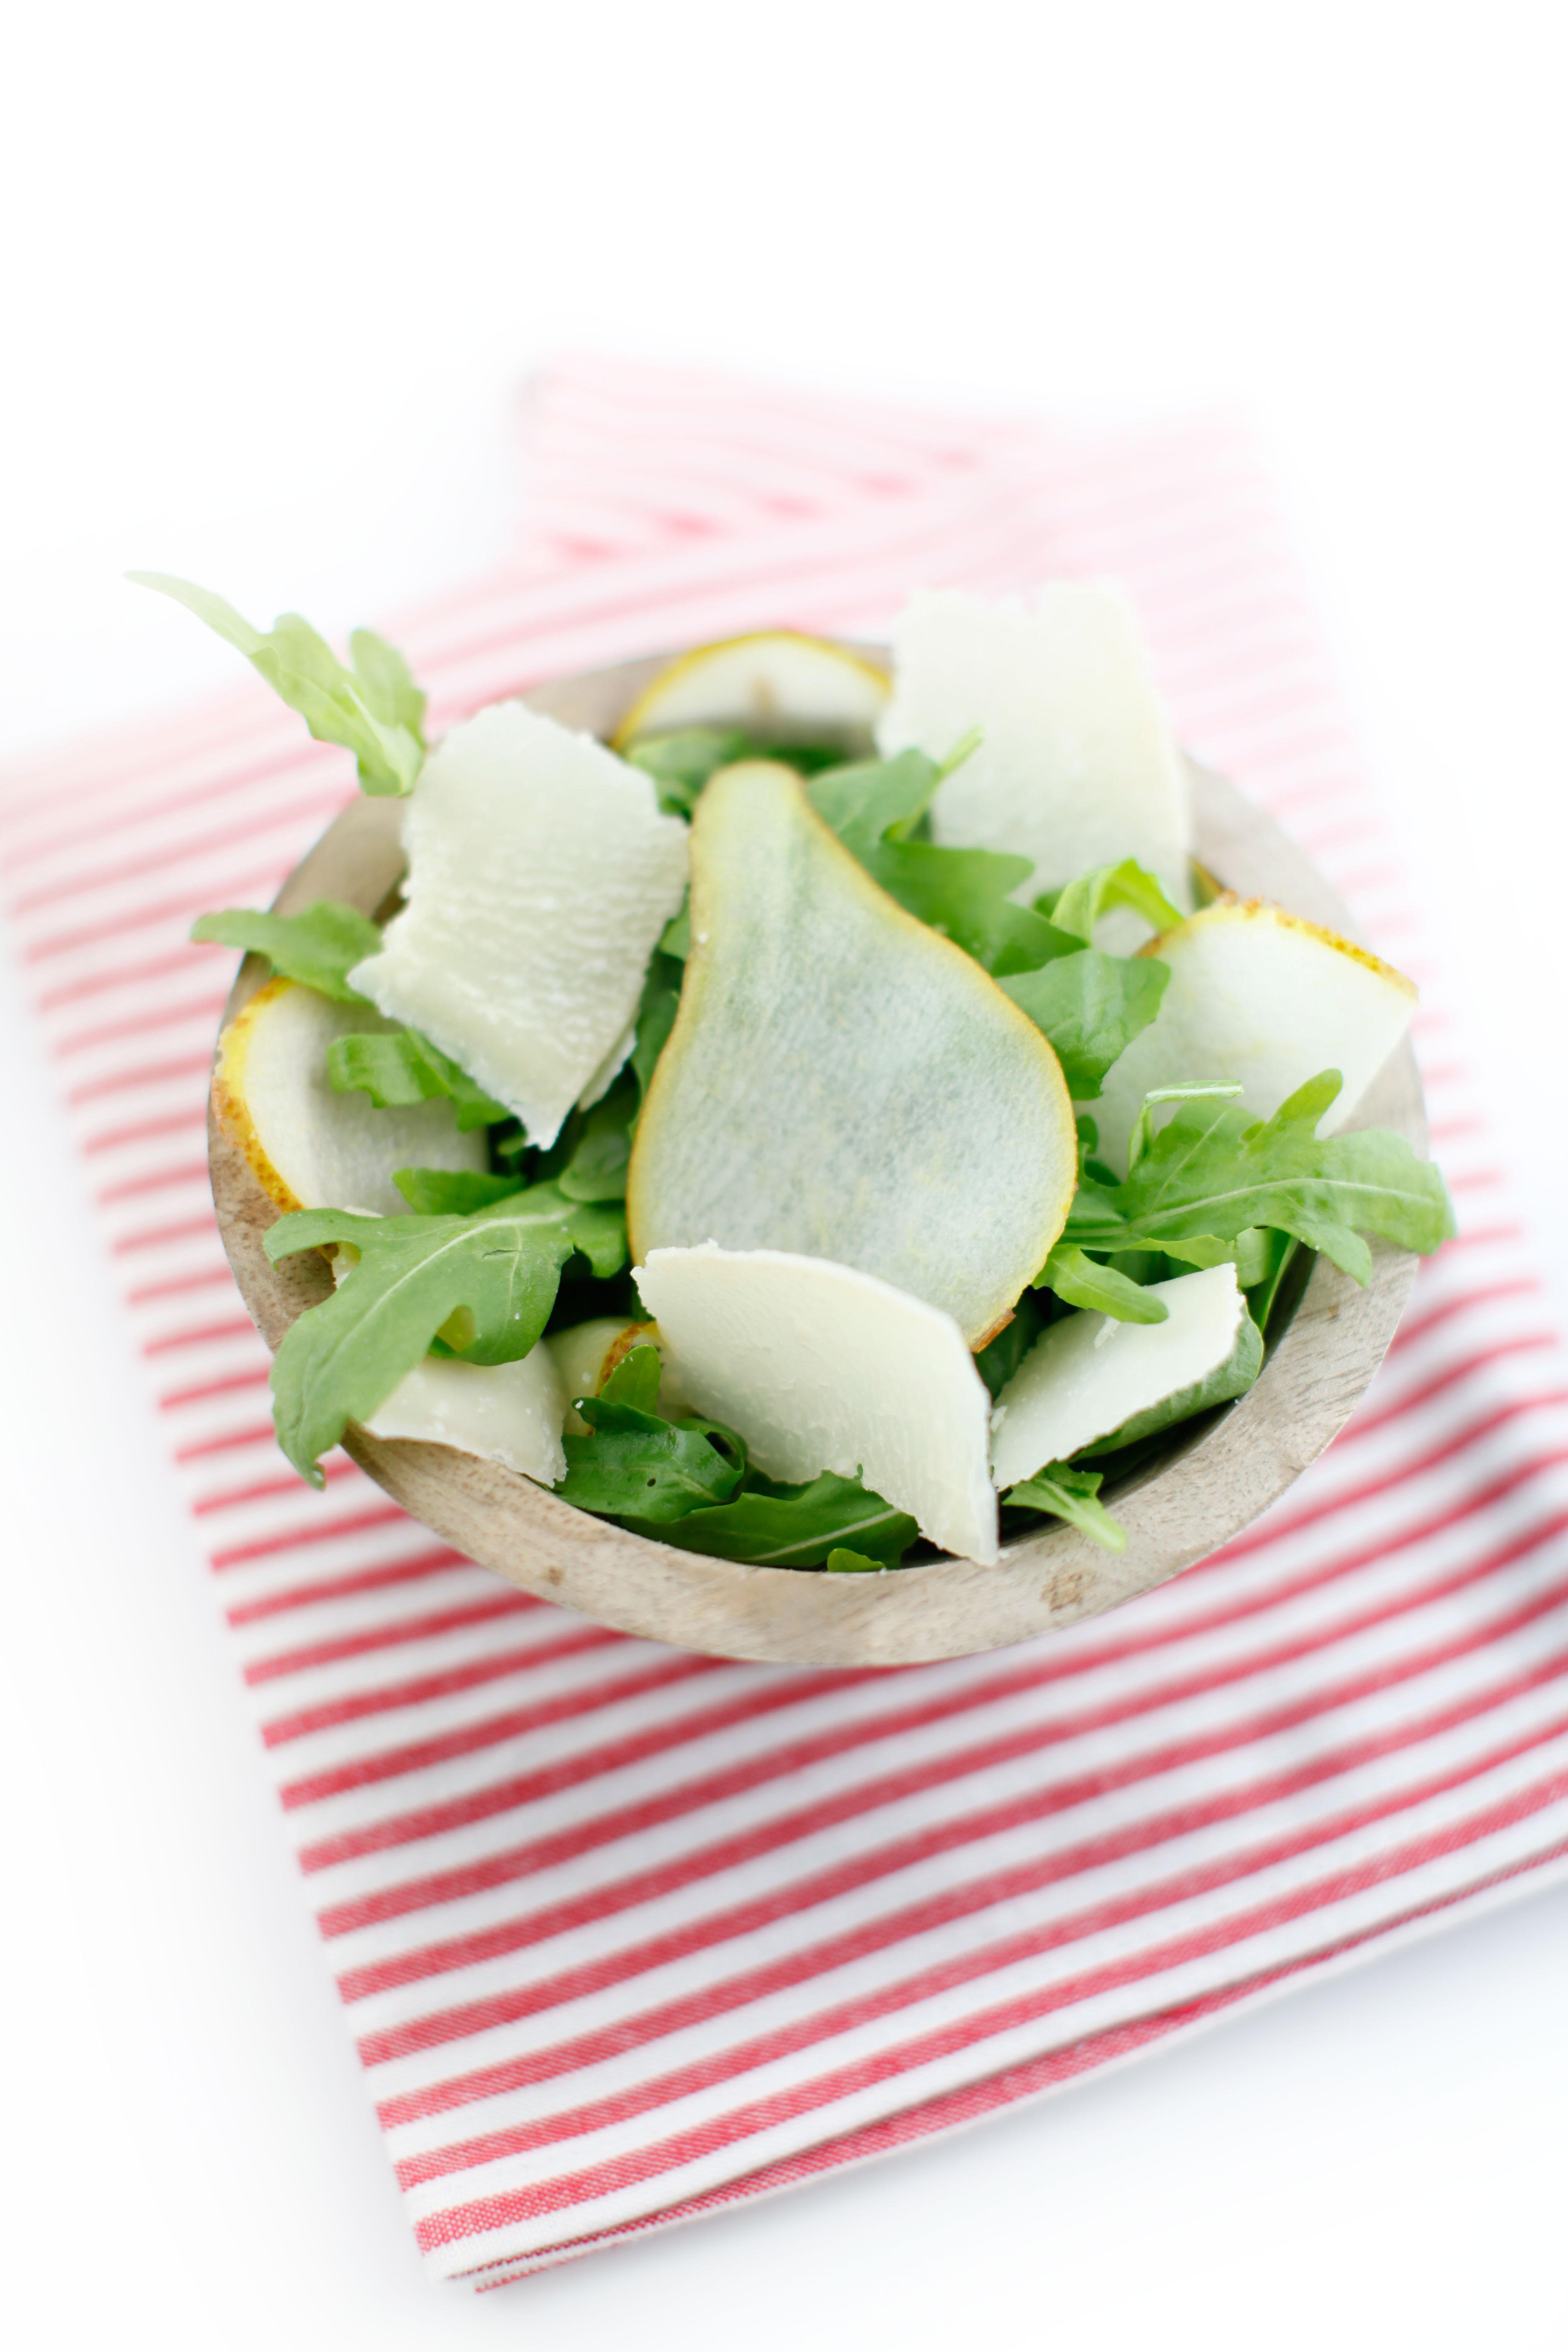 pici-e-castagne-insalata-pere-e-rucola-2